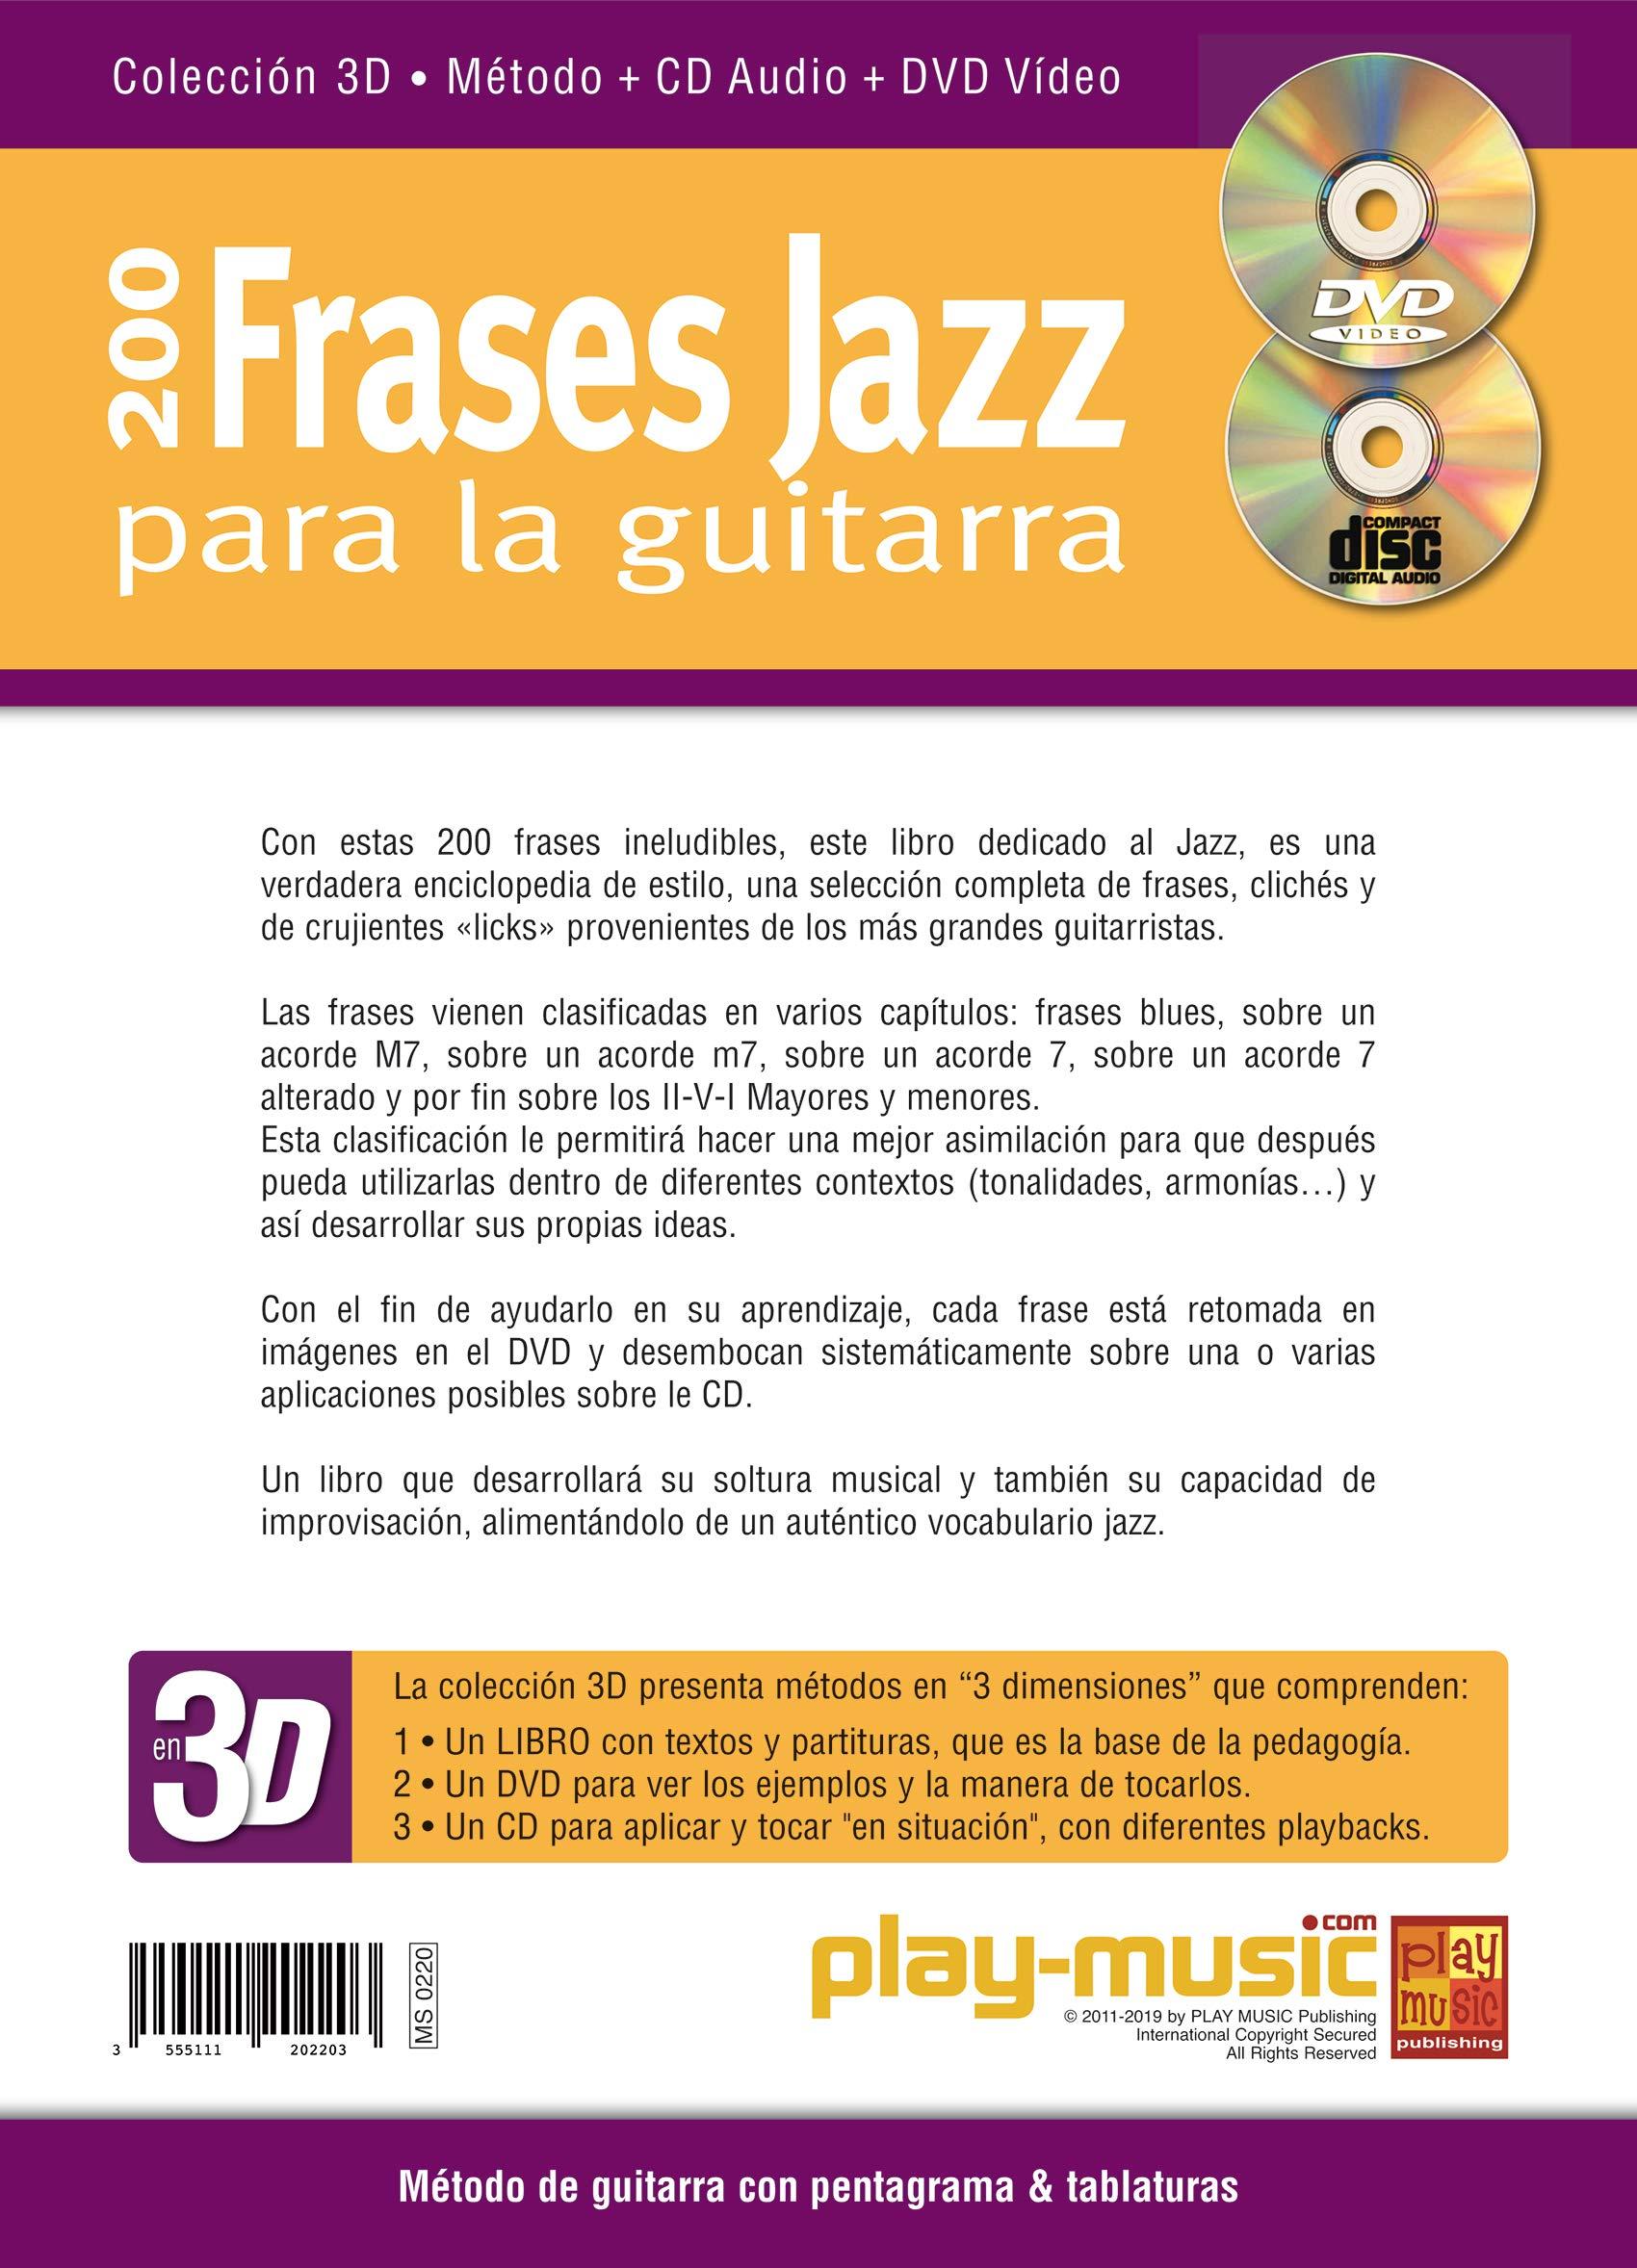 200 Frases Jazz Para La Guitarra En 3d 1 Libro 1 Cd 1